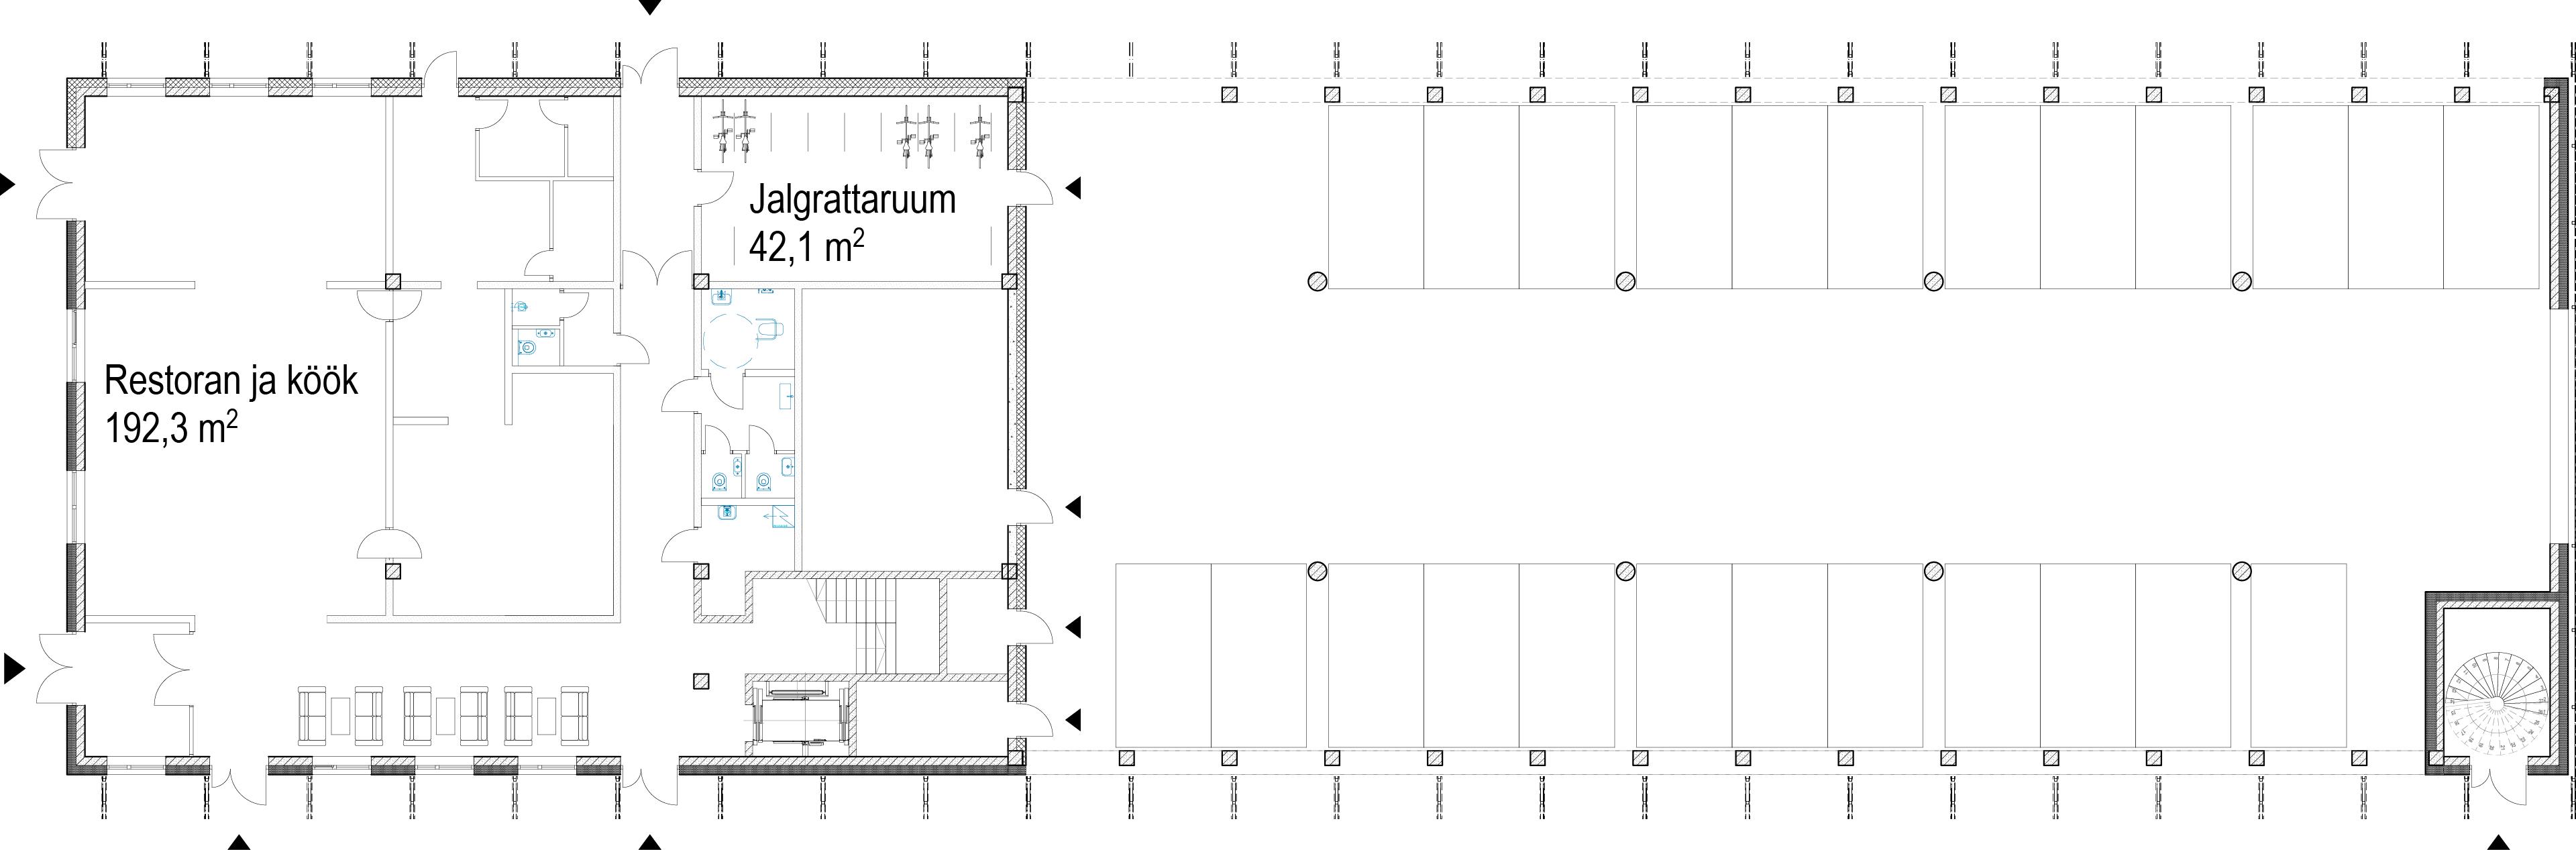 1 - Floor - 1